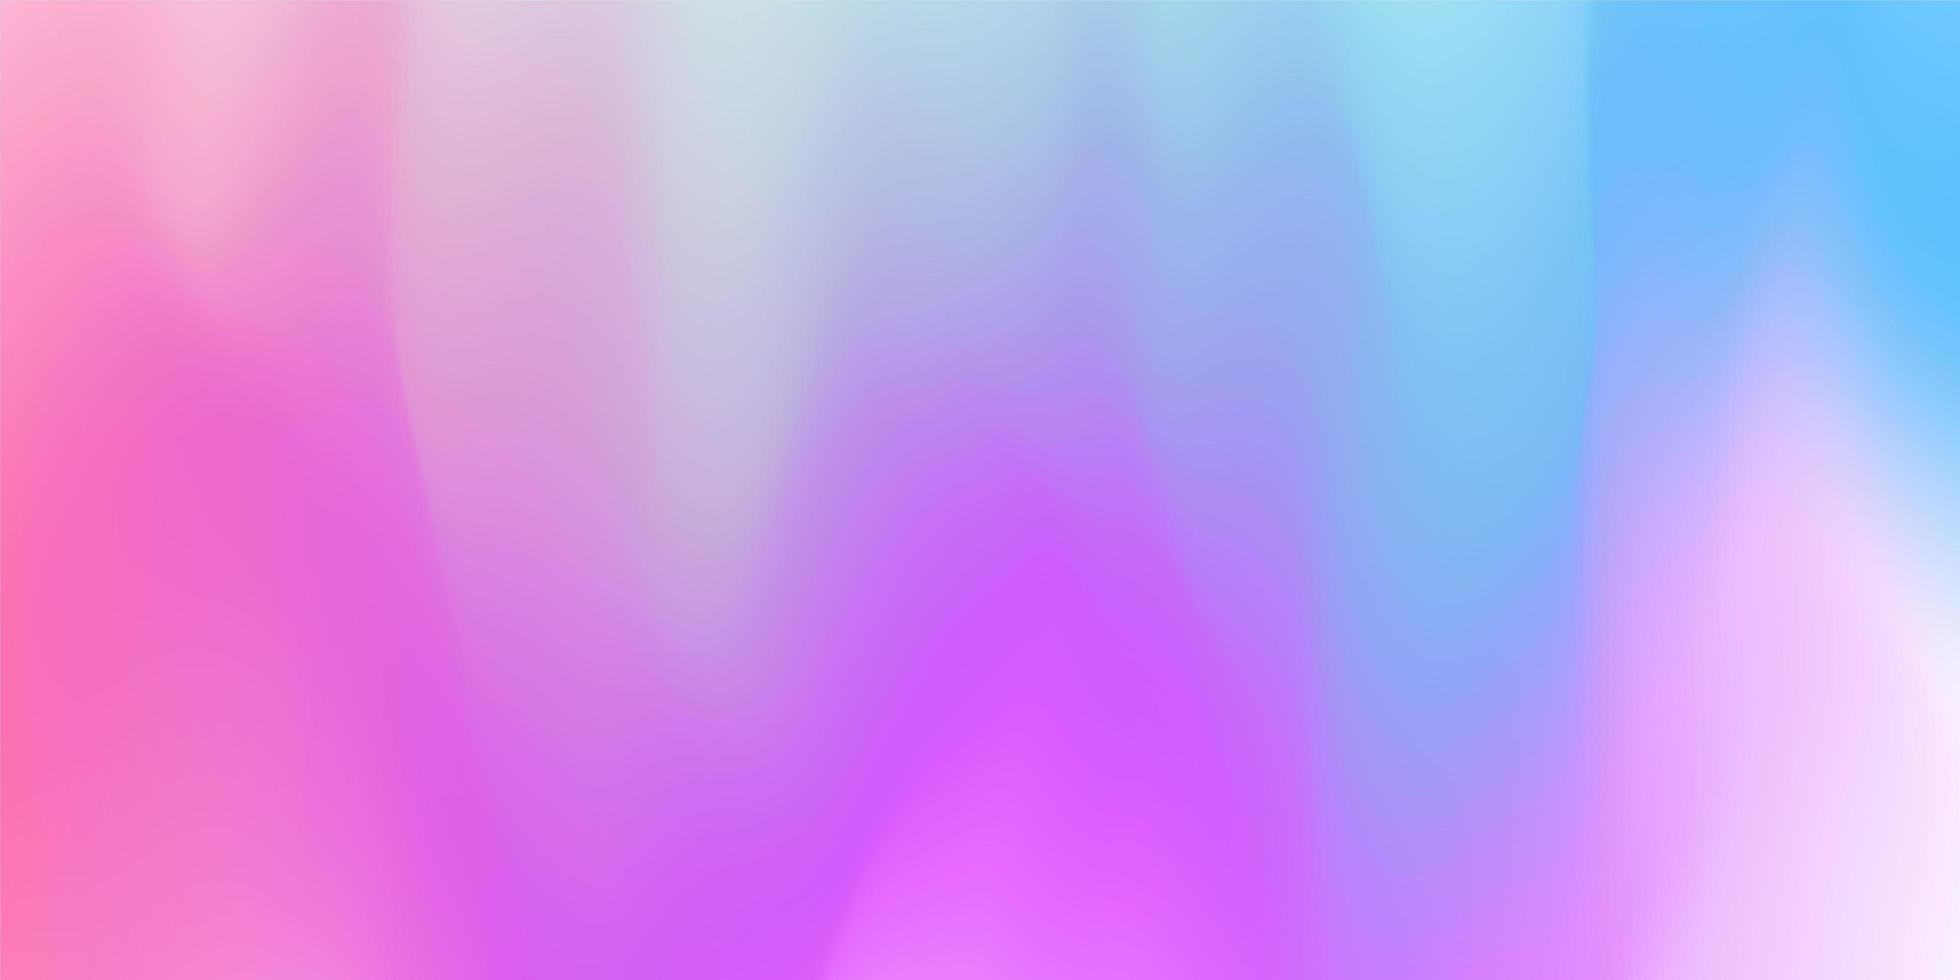 concept de fond dégradé liquide pastel abstrait pour votre conception graphique vecteur